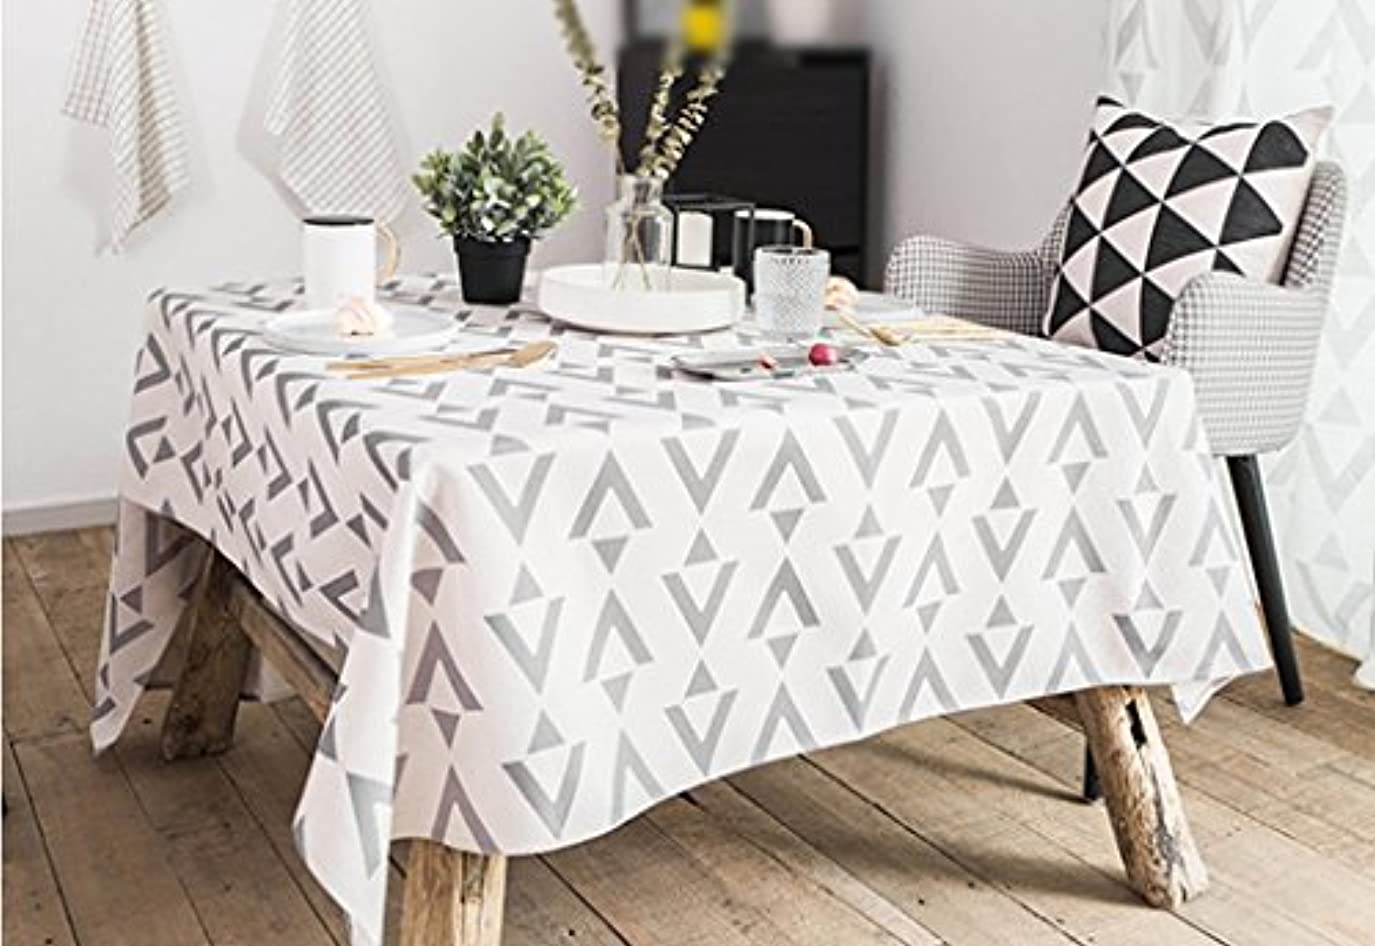 専門用語お互い無視するテーブルクロス 長方形 テーブルクロス、現代の幾何学図形のコットンリネンホームホテルシンプルなスタイルの長方形。 (Color : #1, Size : 140x180cm)